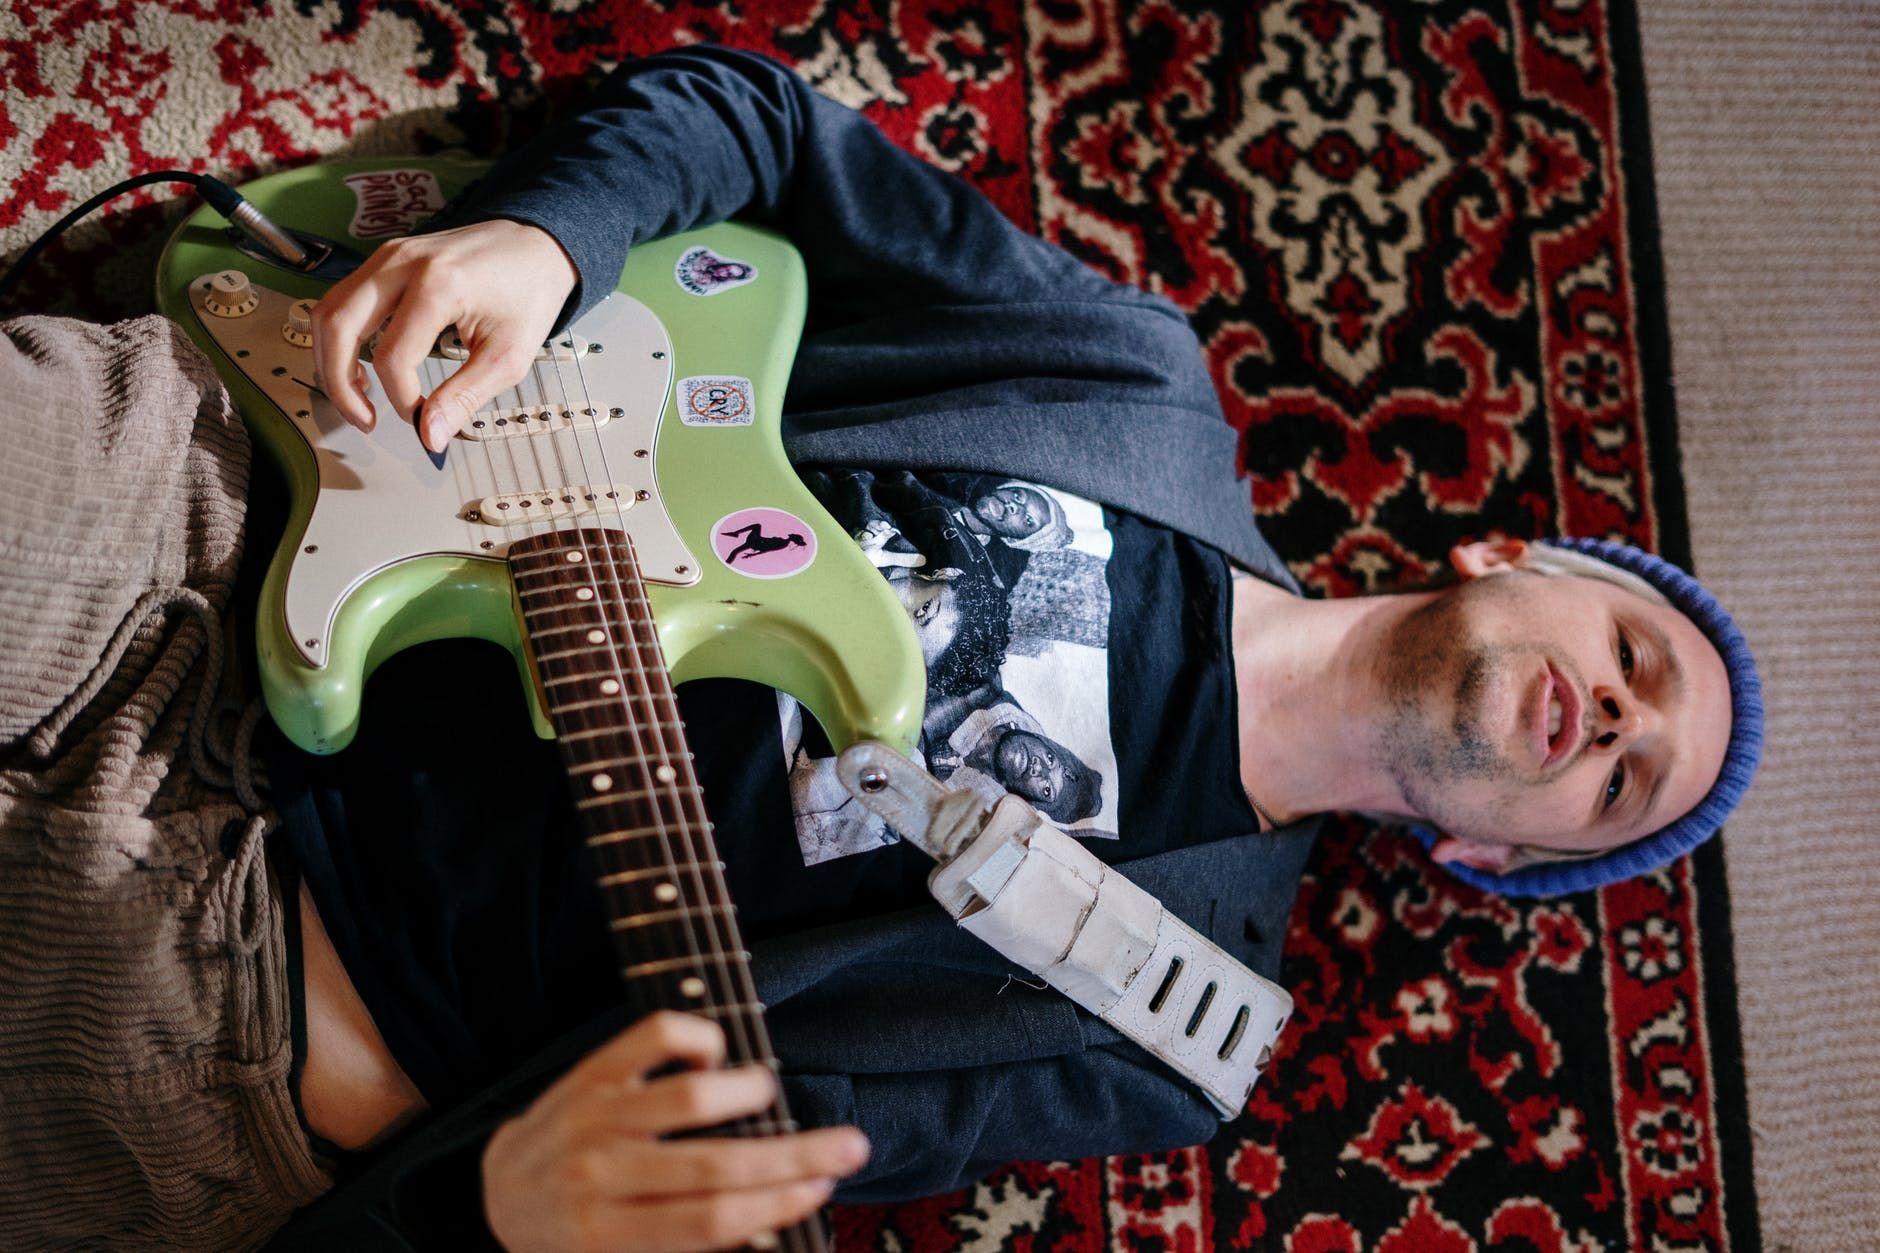 Guitarrista deita no chão durante gravação